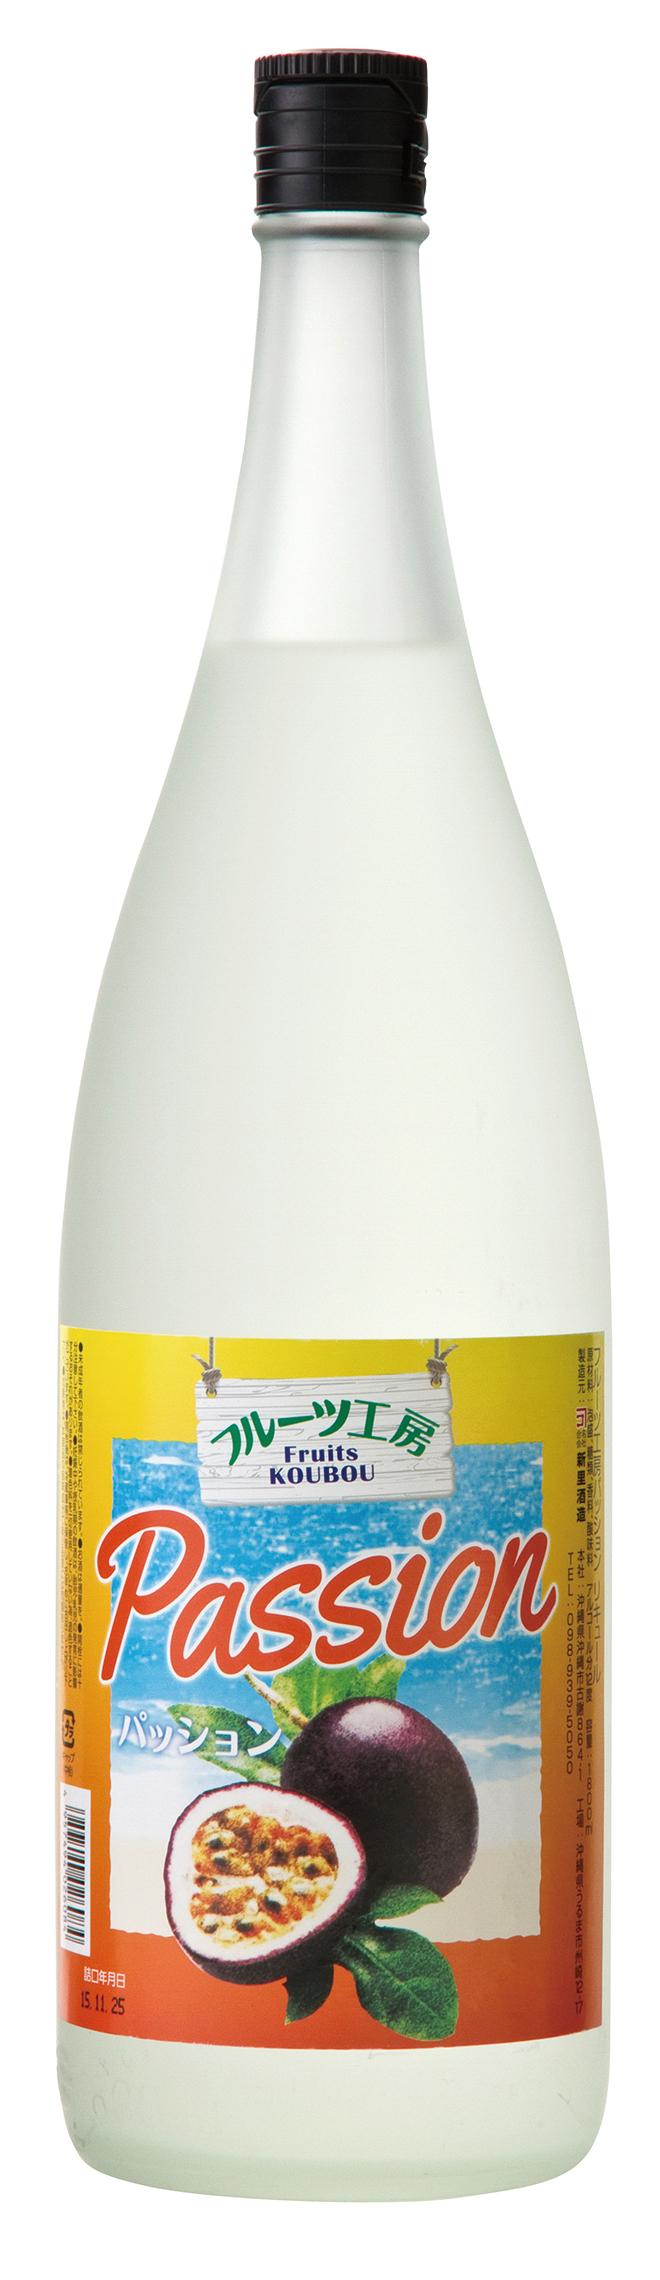 新里酒造 フルーツ工房パッション 12度 1800ml